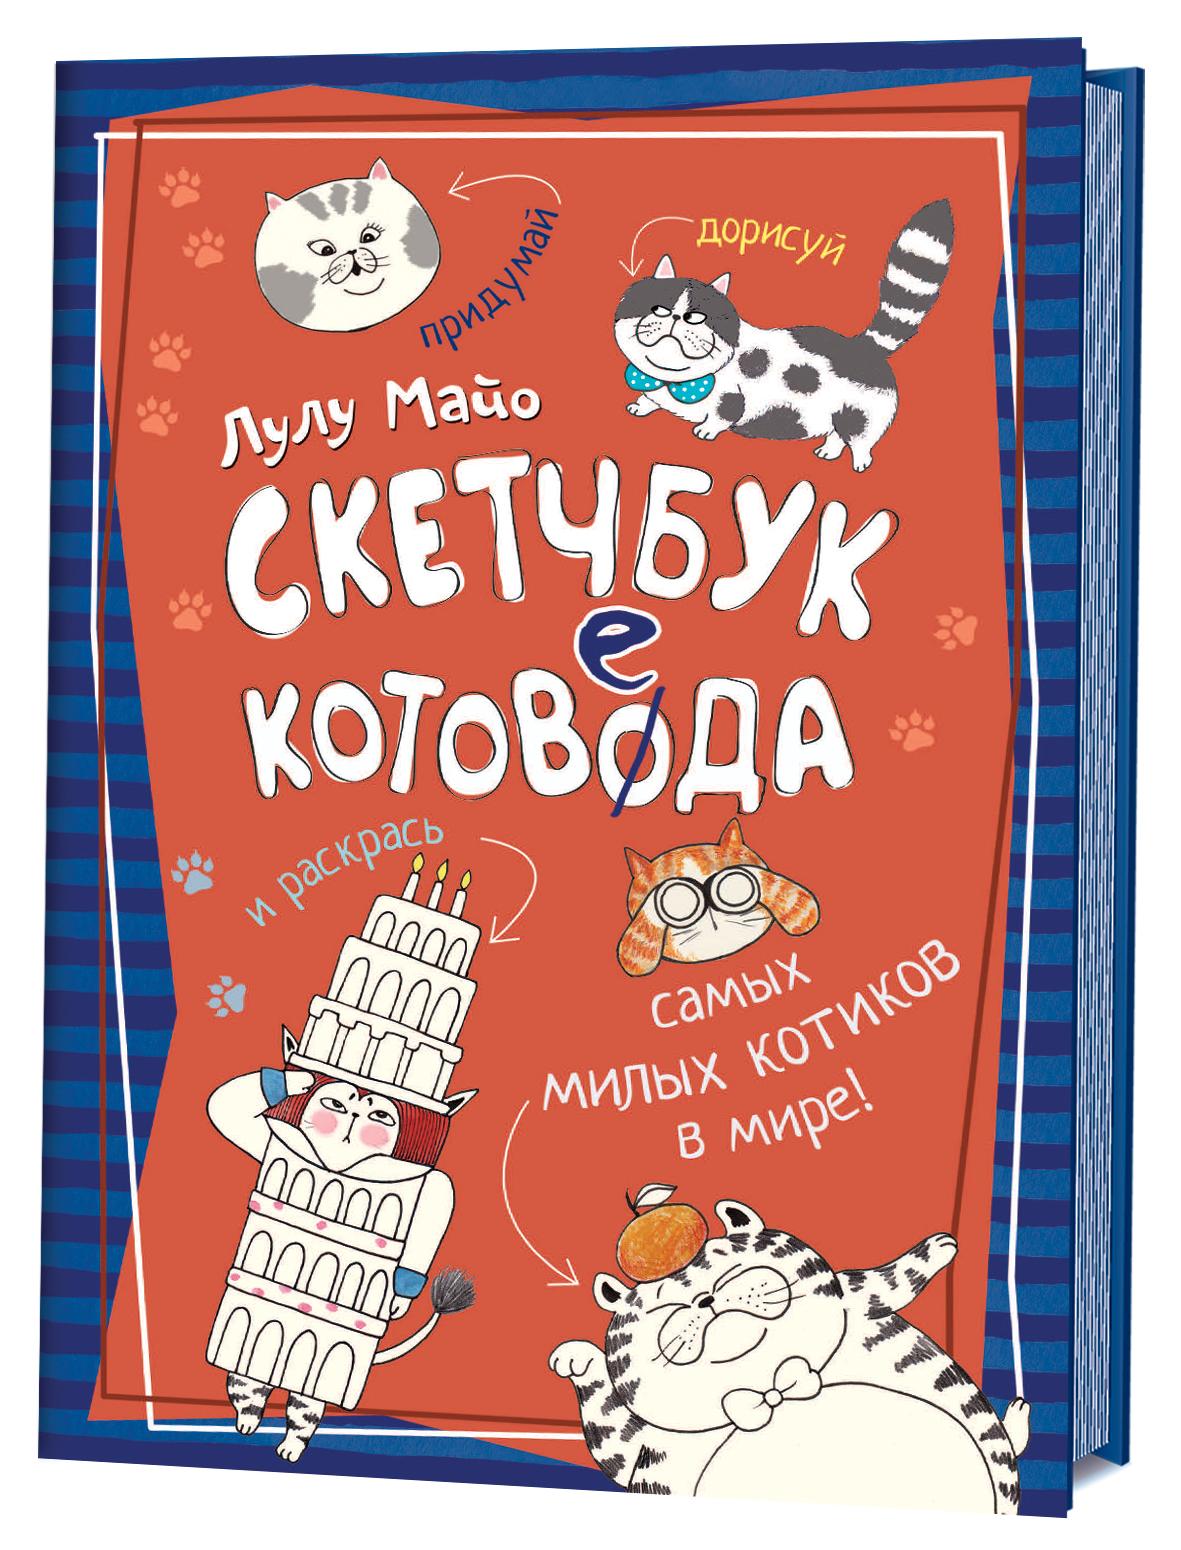 Zakazat.ru: Кото-каракули. Скетчбук котоведа. Лулу Майо